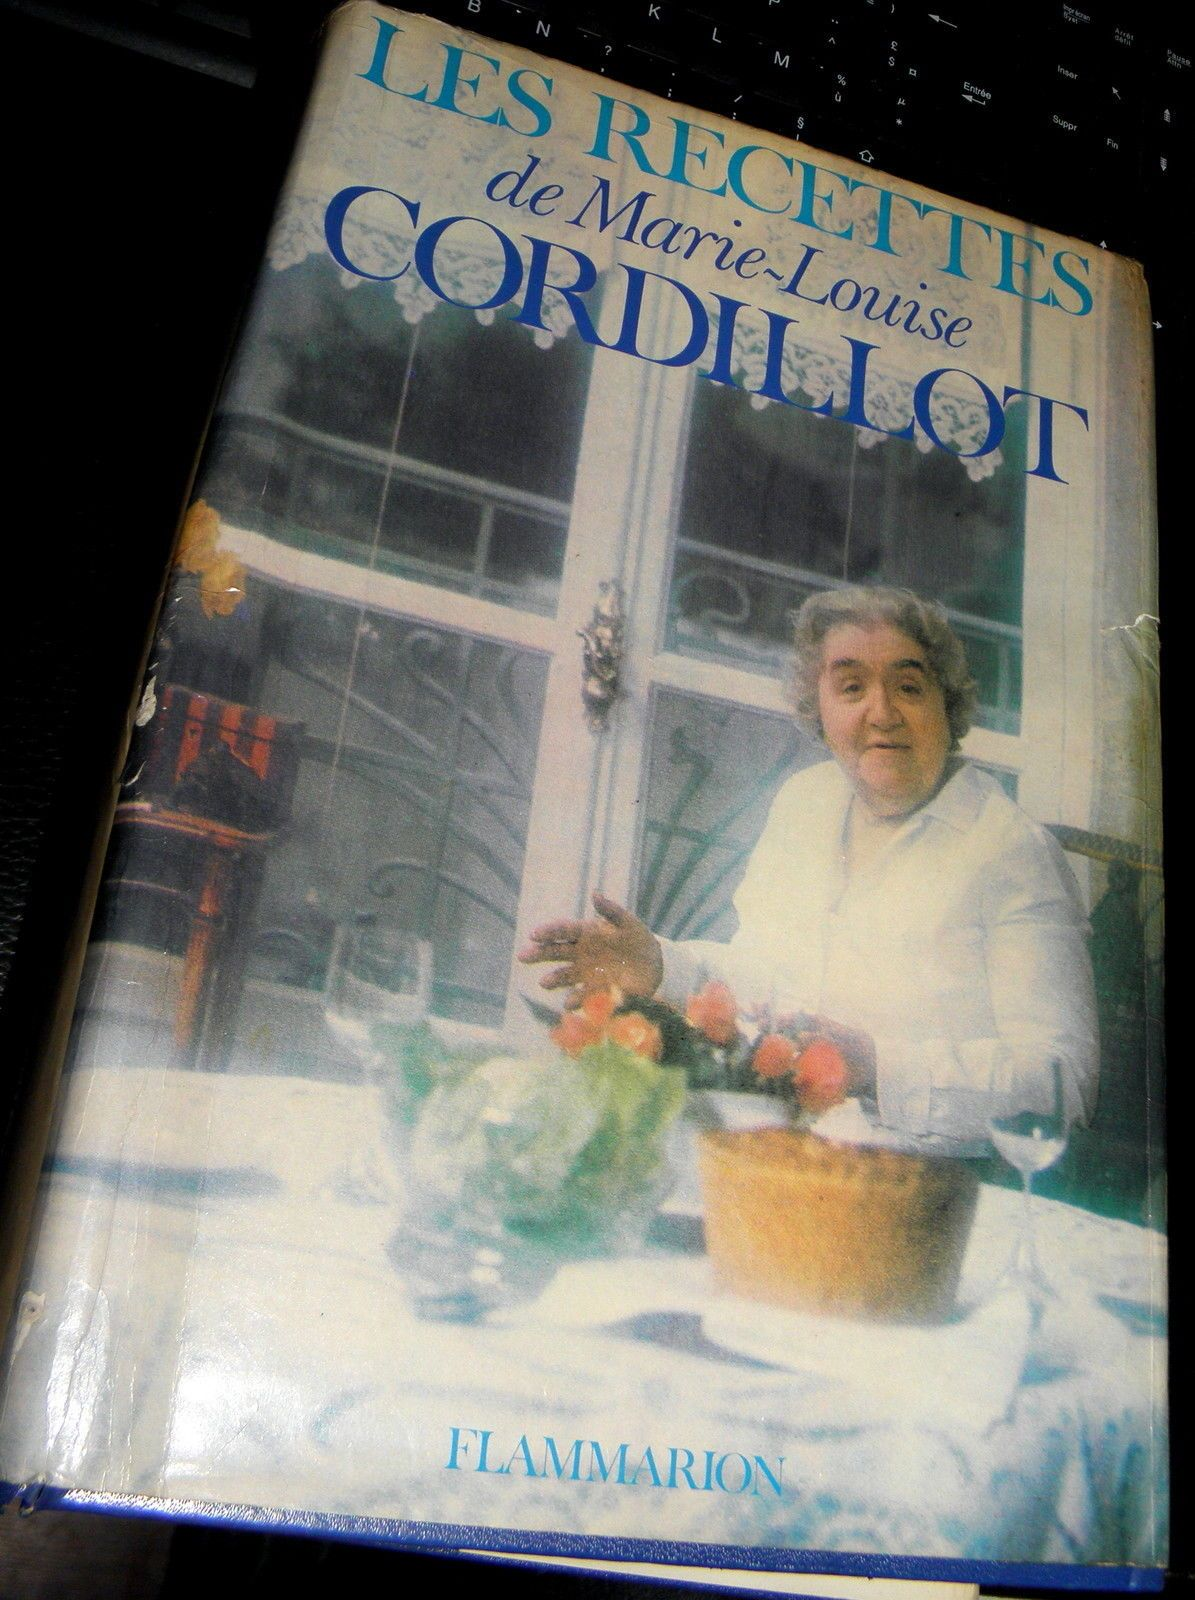 les recettes de marie louise cordillot livre de cuisine ancien 1975 973 pages for sale eur. Black Bedroom Furniture Sets. Home Design Ideas